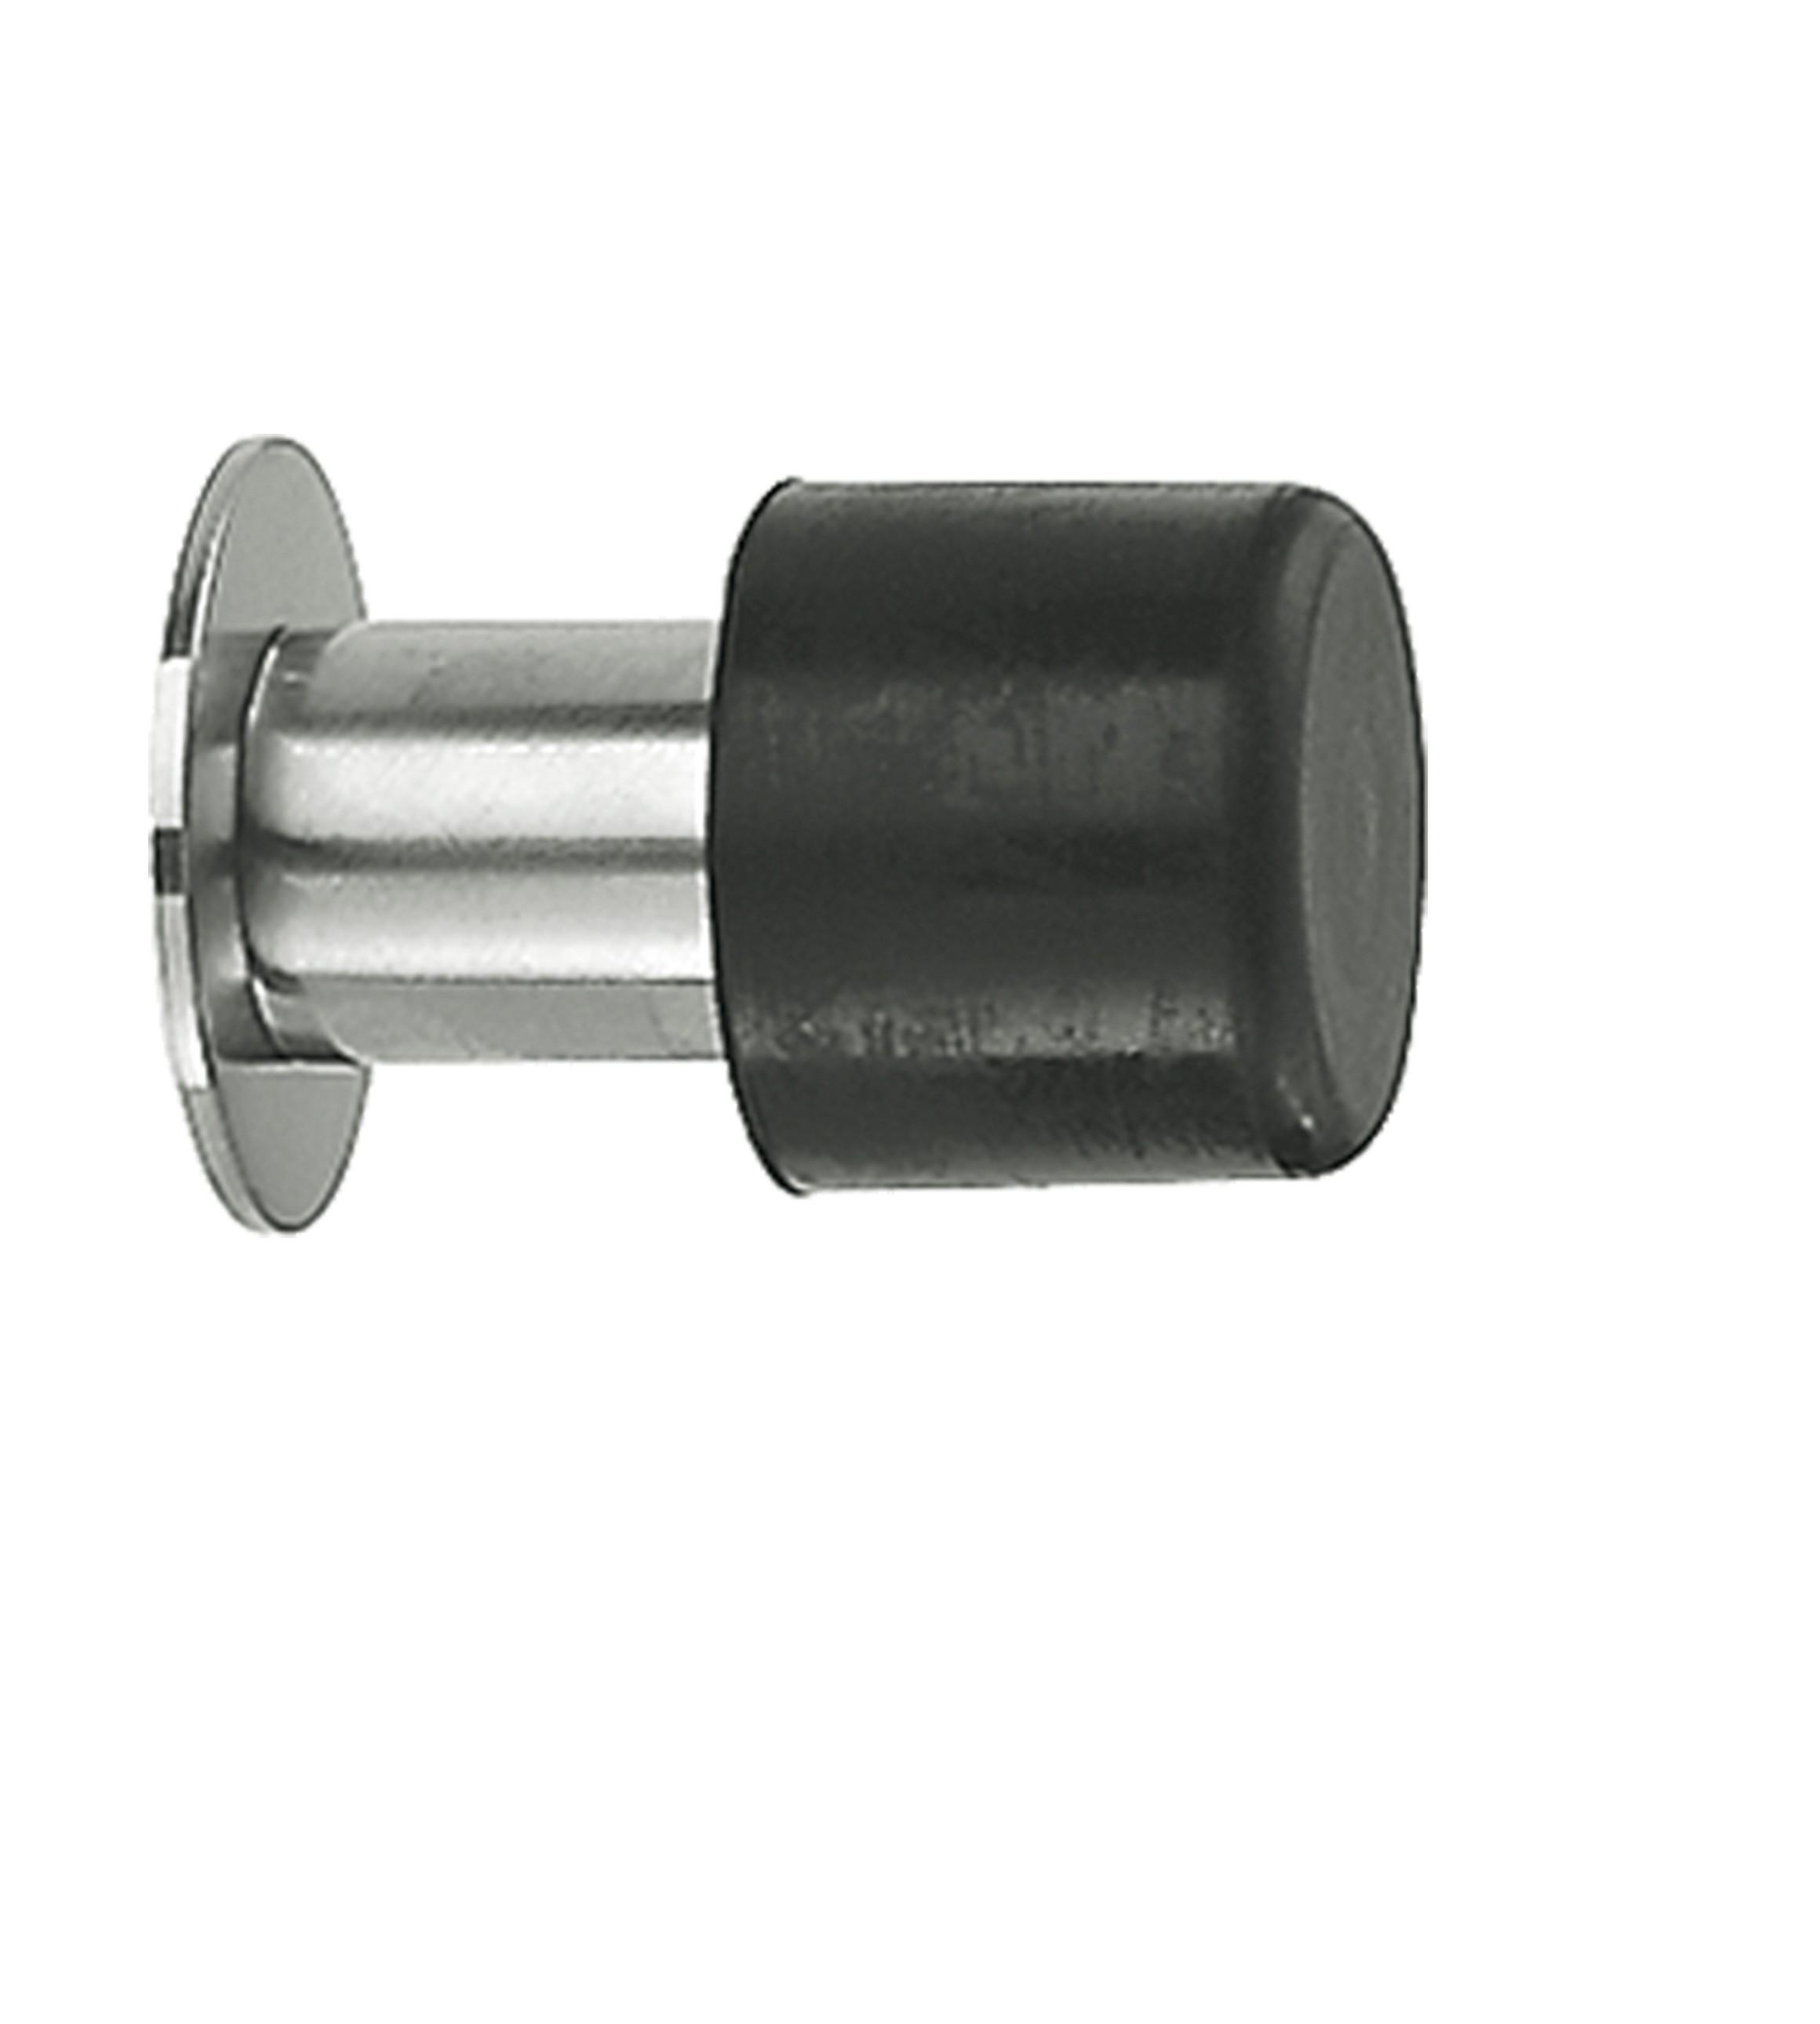 FSB Türpuffer 60 mm Edelstahl fein matt (0 38 3880 00004 6204)